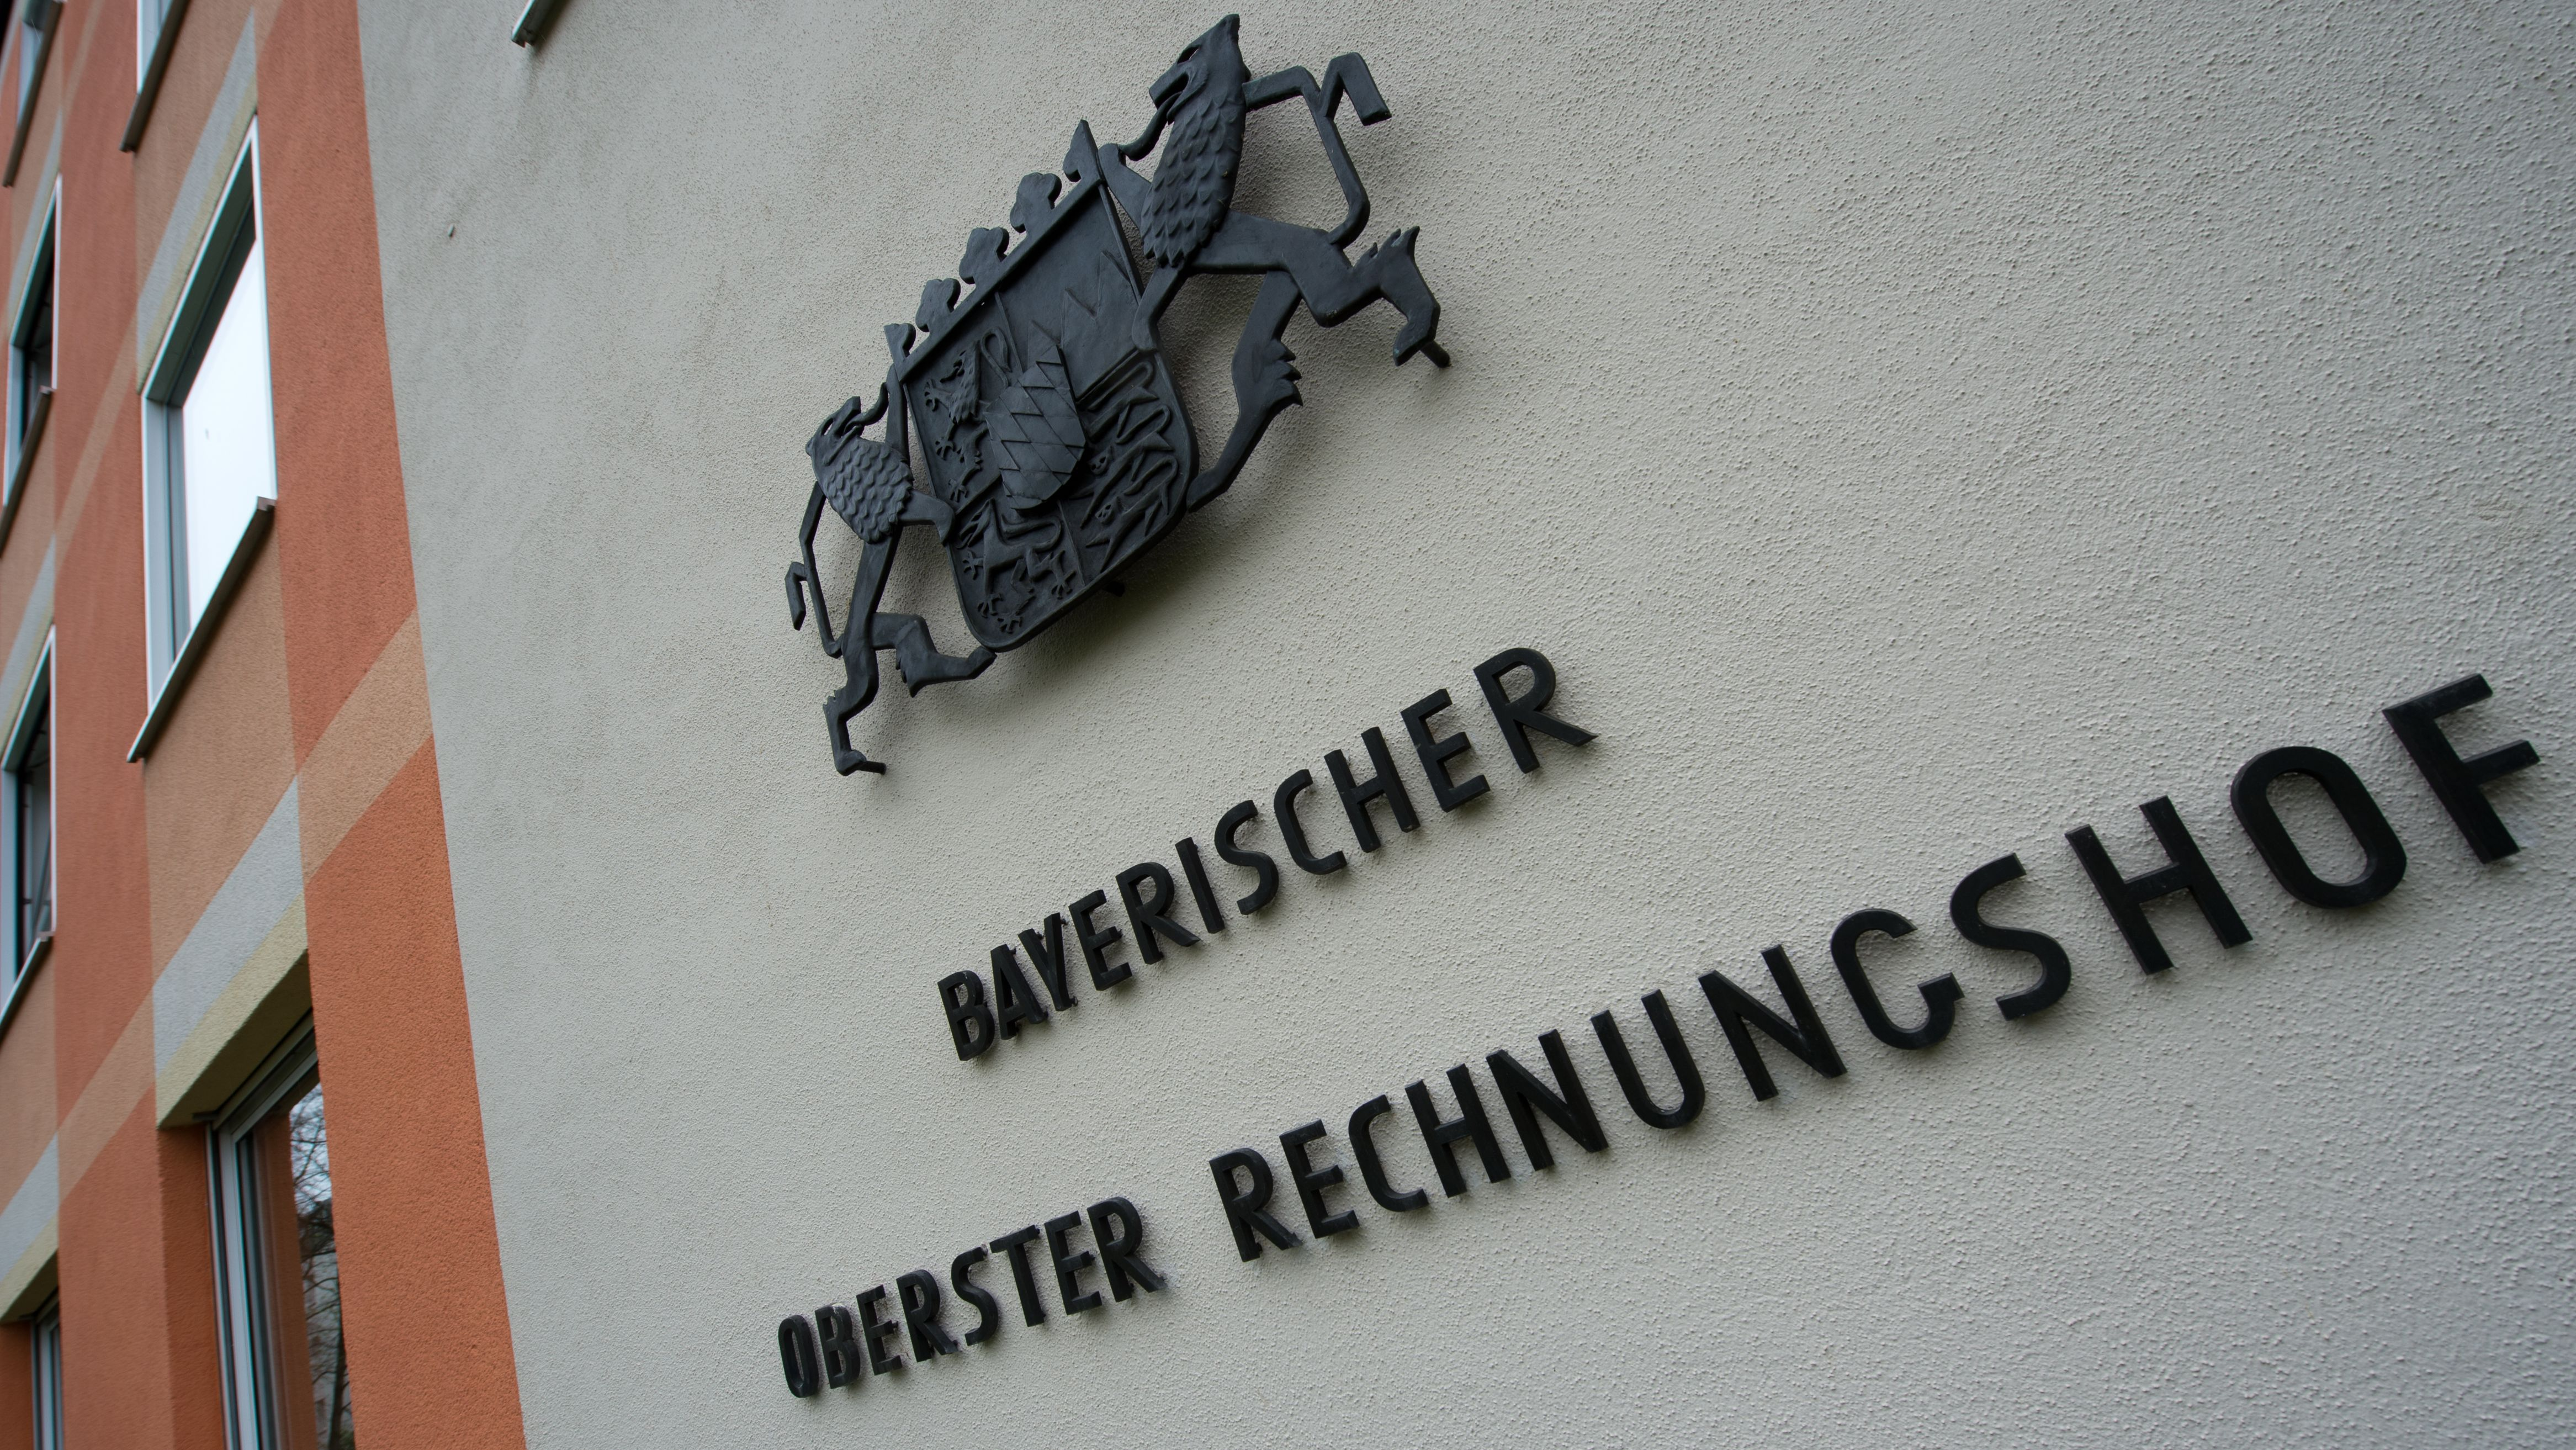 Der Bayerische Oberste Rechnungshof (ORH)